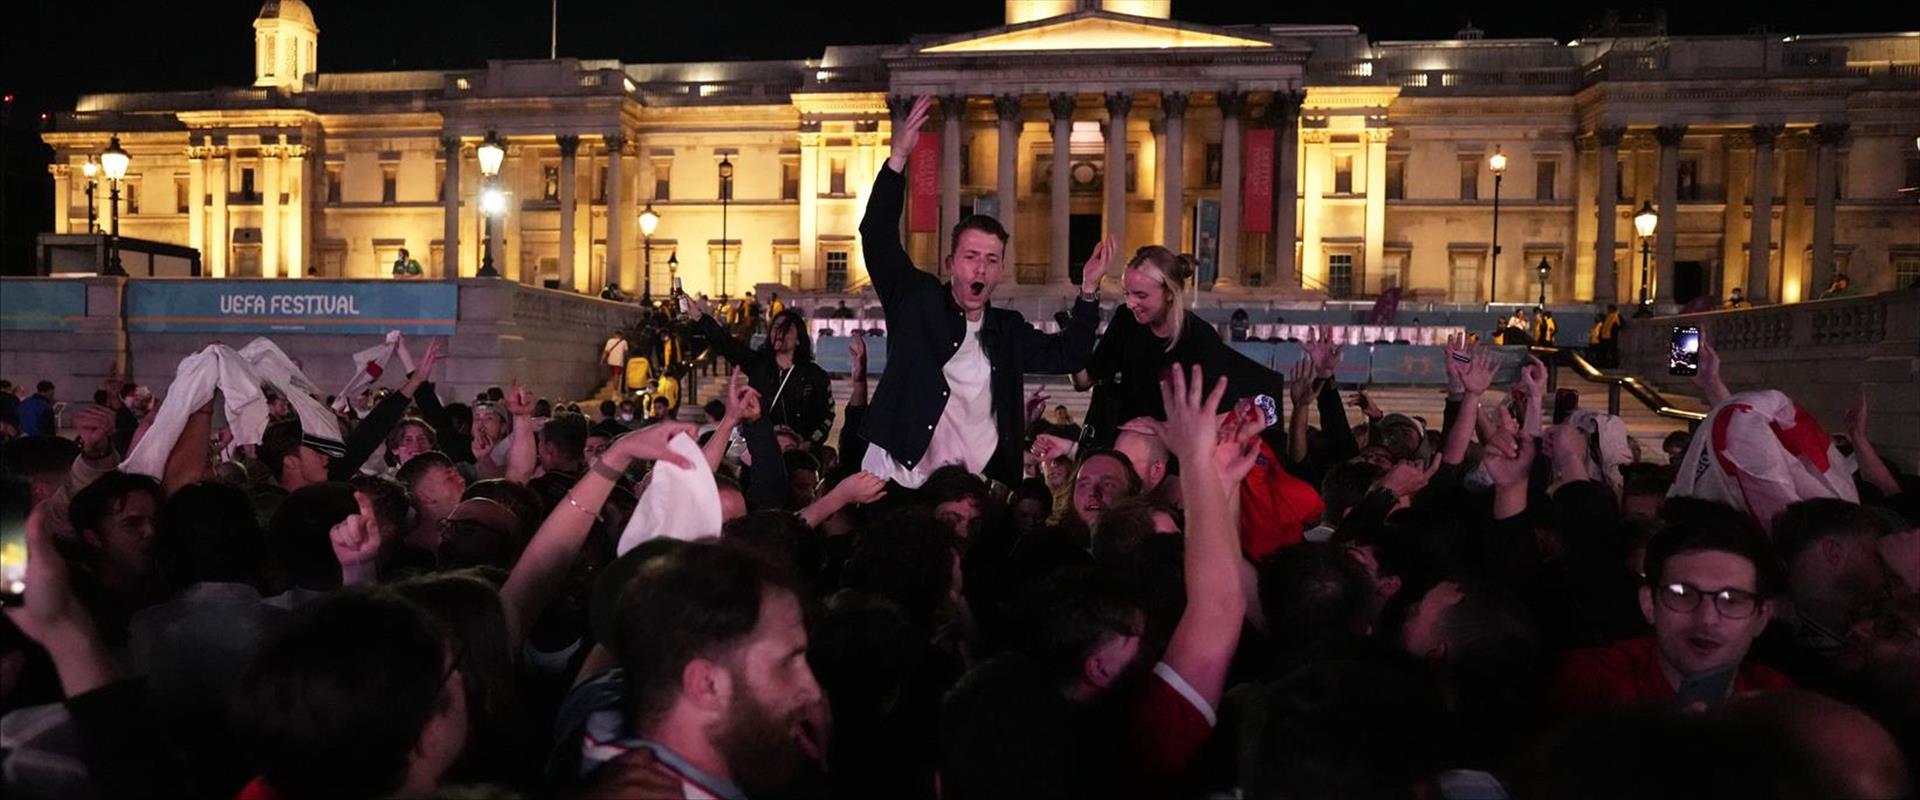 החגיגות באנגליה